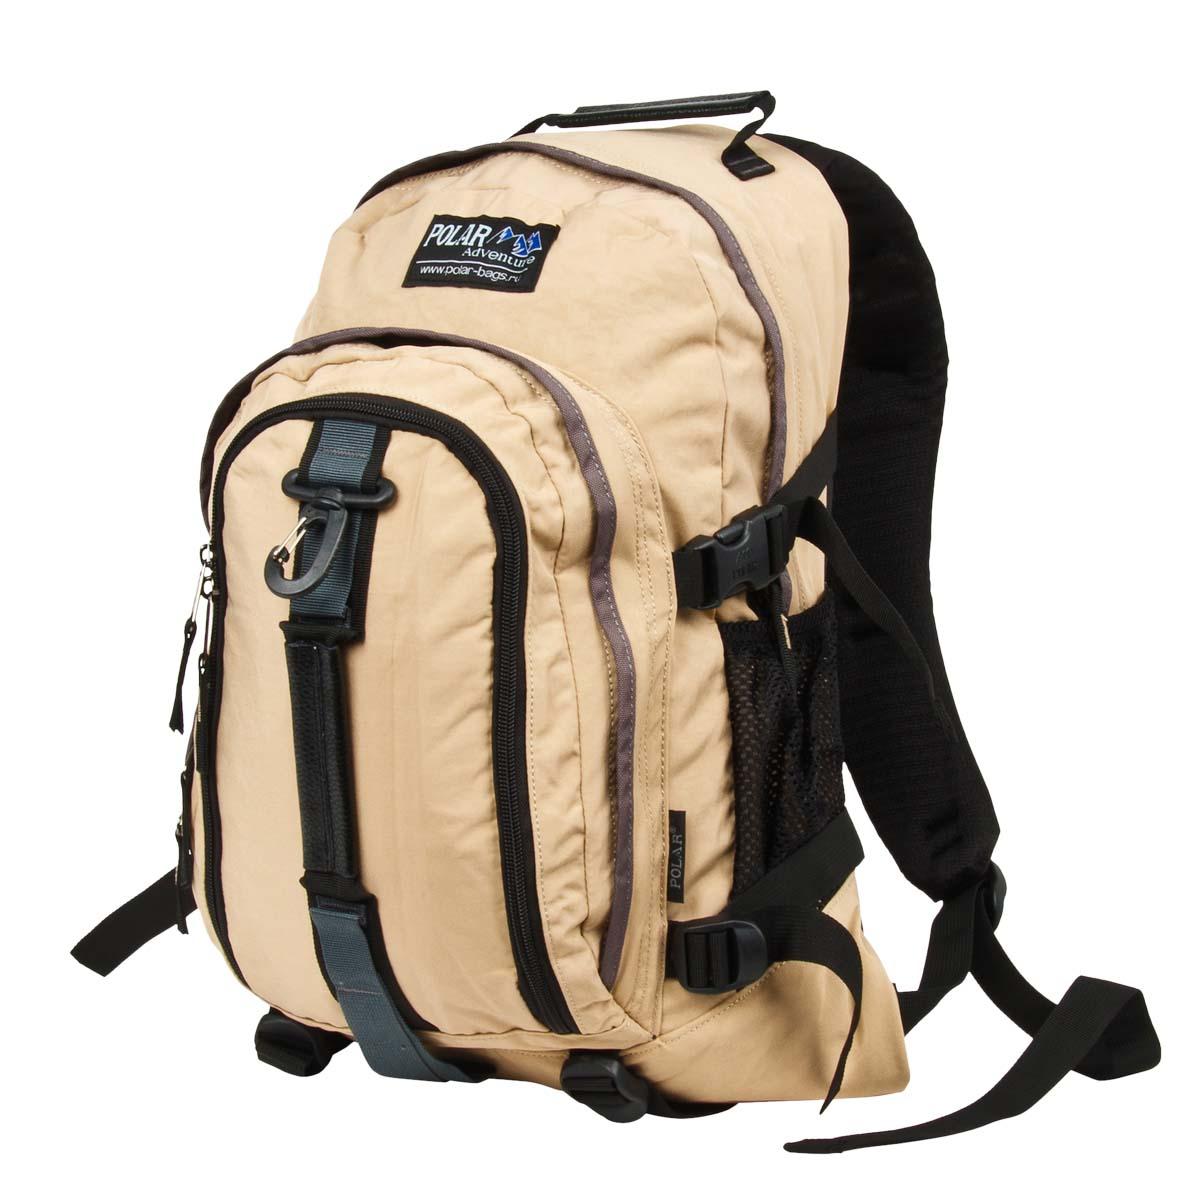 Рюкзак городской Polar, 21 л, цвет: бежевый. П955-13П955-13Городской рюкзак с модным дизайном. Полностью вентилируемая и удобная мягкая спинка, мягкие плечевые лямки создают дополнительный комфорт при ношении. Центральный отсек для персональных вещей и документов A4 на двухсторонних молниях для удобства. Маленький карман для mp3, CD плеера. Два боковых кармана под бутылки с водой на резинке. Регулирующая грудная стяжка с удобным фиксатором. Регулирующий поясной ремень, удерживает плотно рюкзак на спине, что очень удобно при езде на велосипеде или продолжительных походах. Система циркуляции воздуха Air. Материал Polyester.